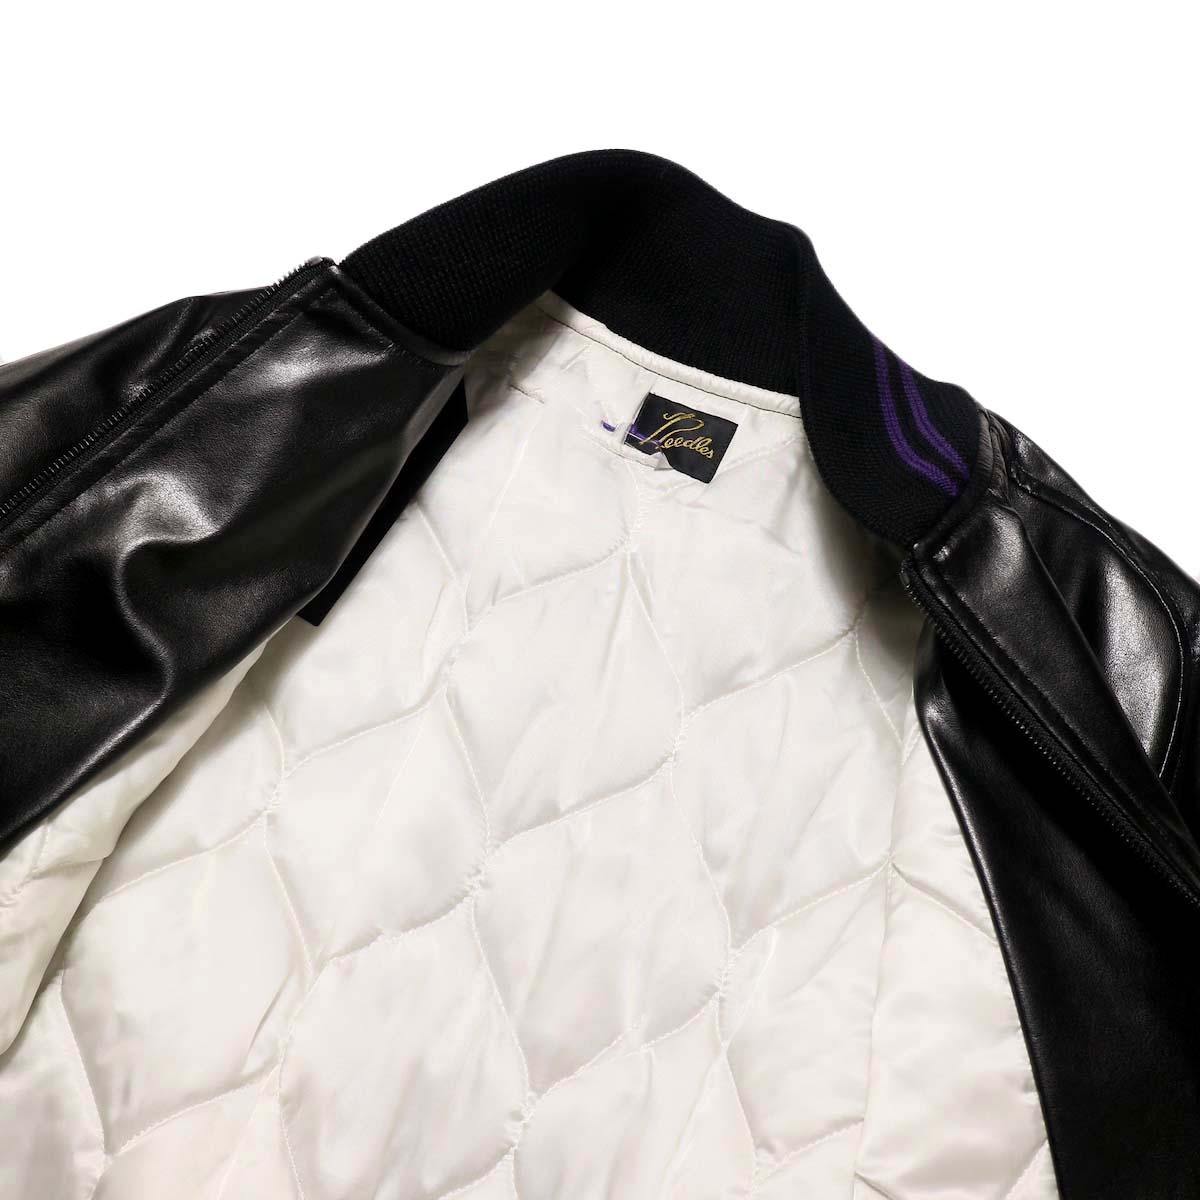 Needles / Award Jacket - Faux Lthr (Black)裏地